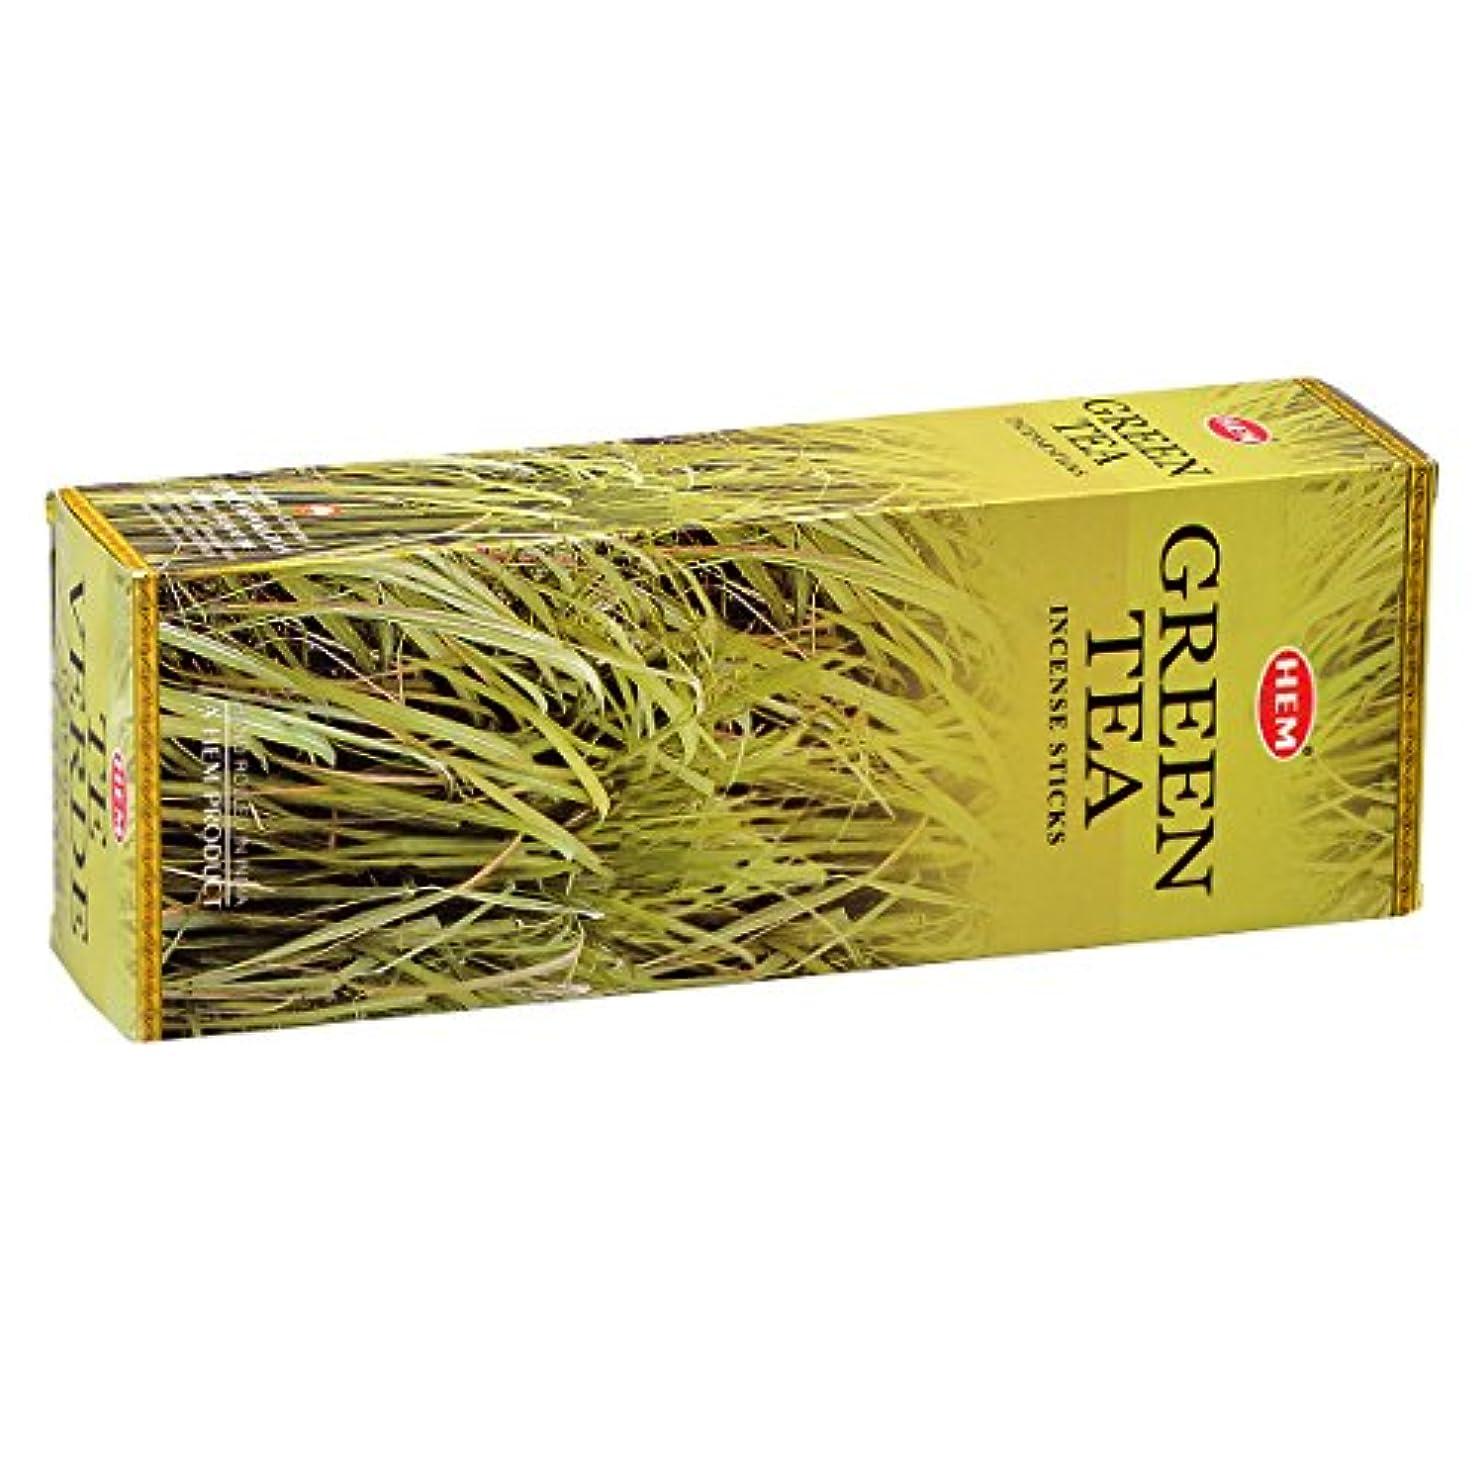 スチールボット準拠HEM(ヘム) グリーン ティー GREEN TEA スティックタイプ お香 6筒 セット [並行輸入品]